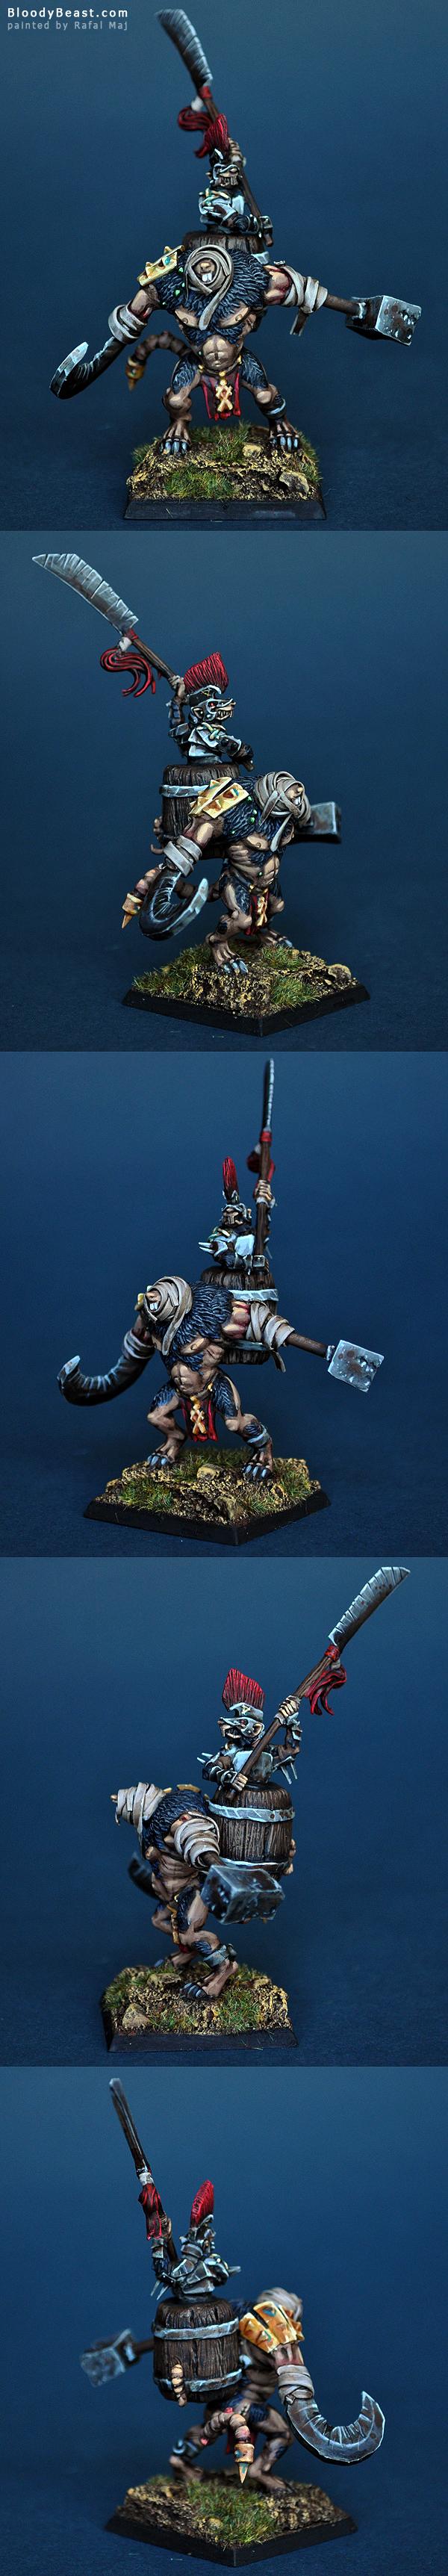 Skaven Lord on Rat Ogre Bonebreaker painted by Rafal Maj (BloodyBeast.com)